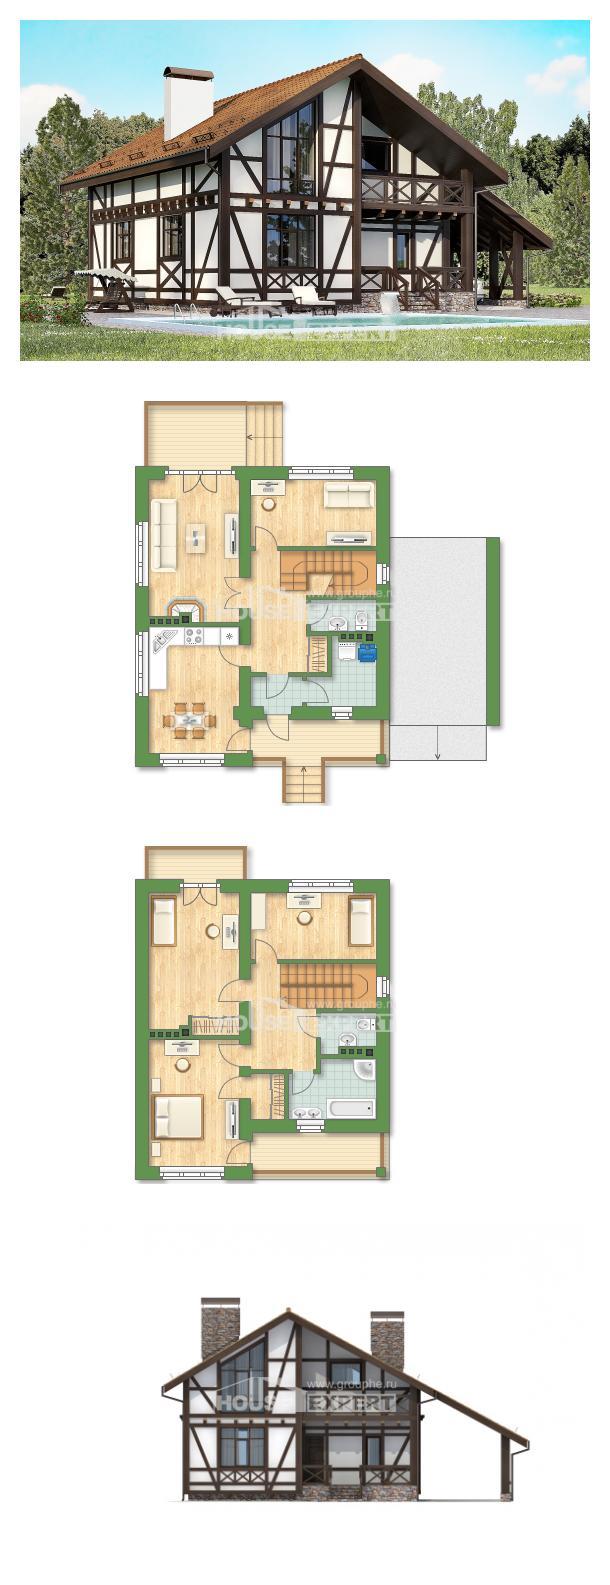 房子的设计 155-002-R | House Expert